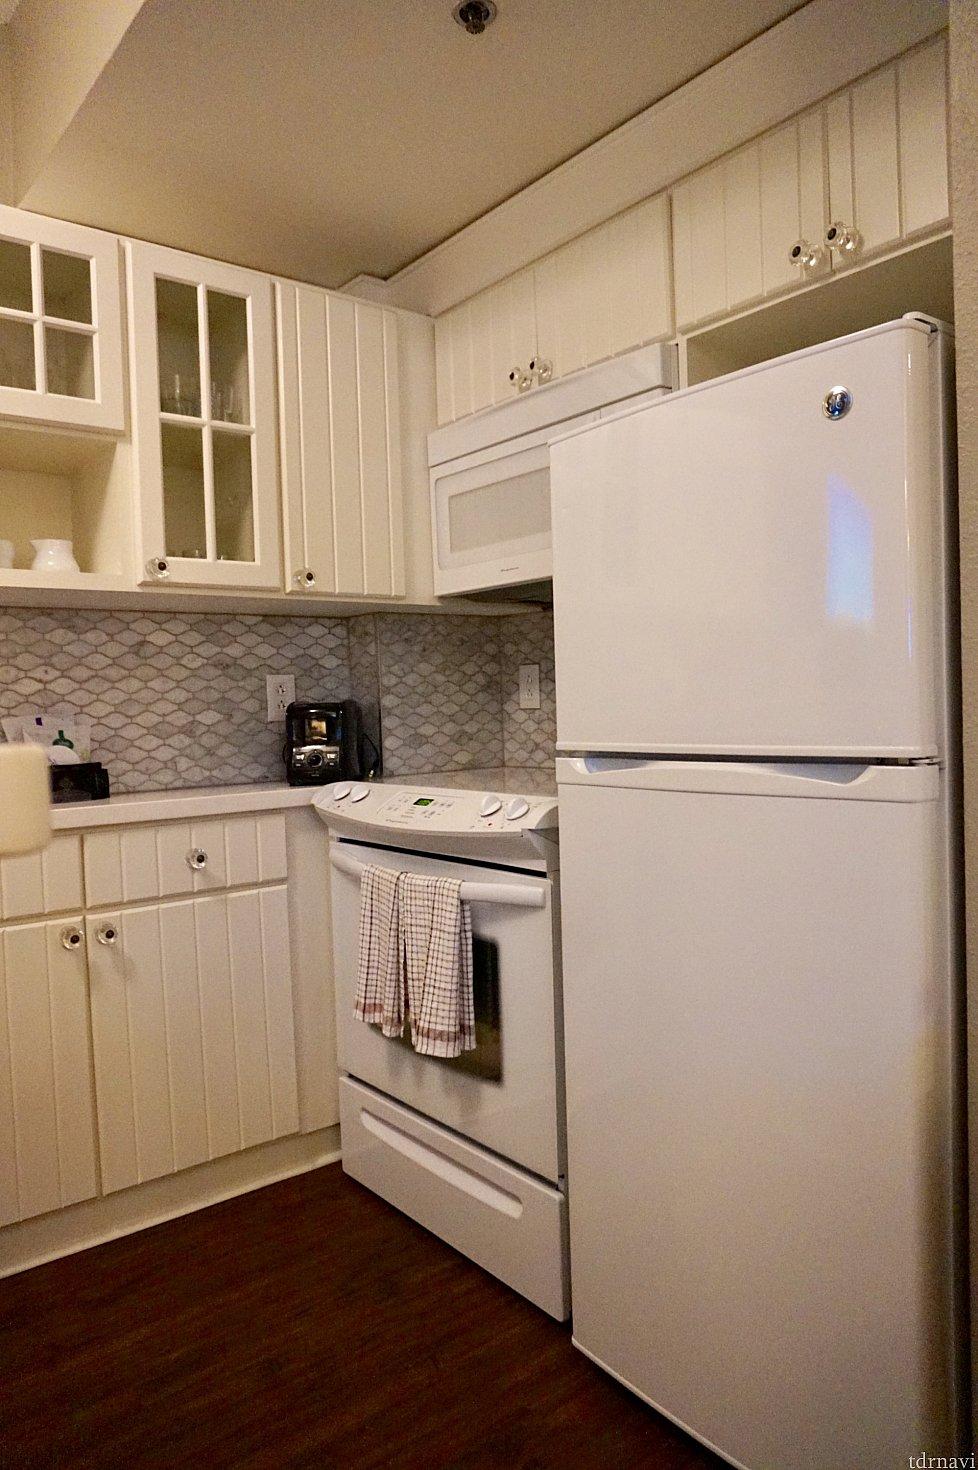 キッチン。大型冷蔵庫なのでたっぷり入ります。キッチンは全体的にアウラニよりもややコンパクトです。